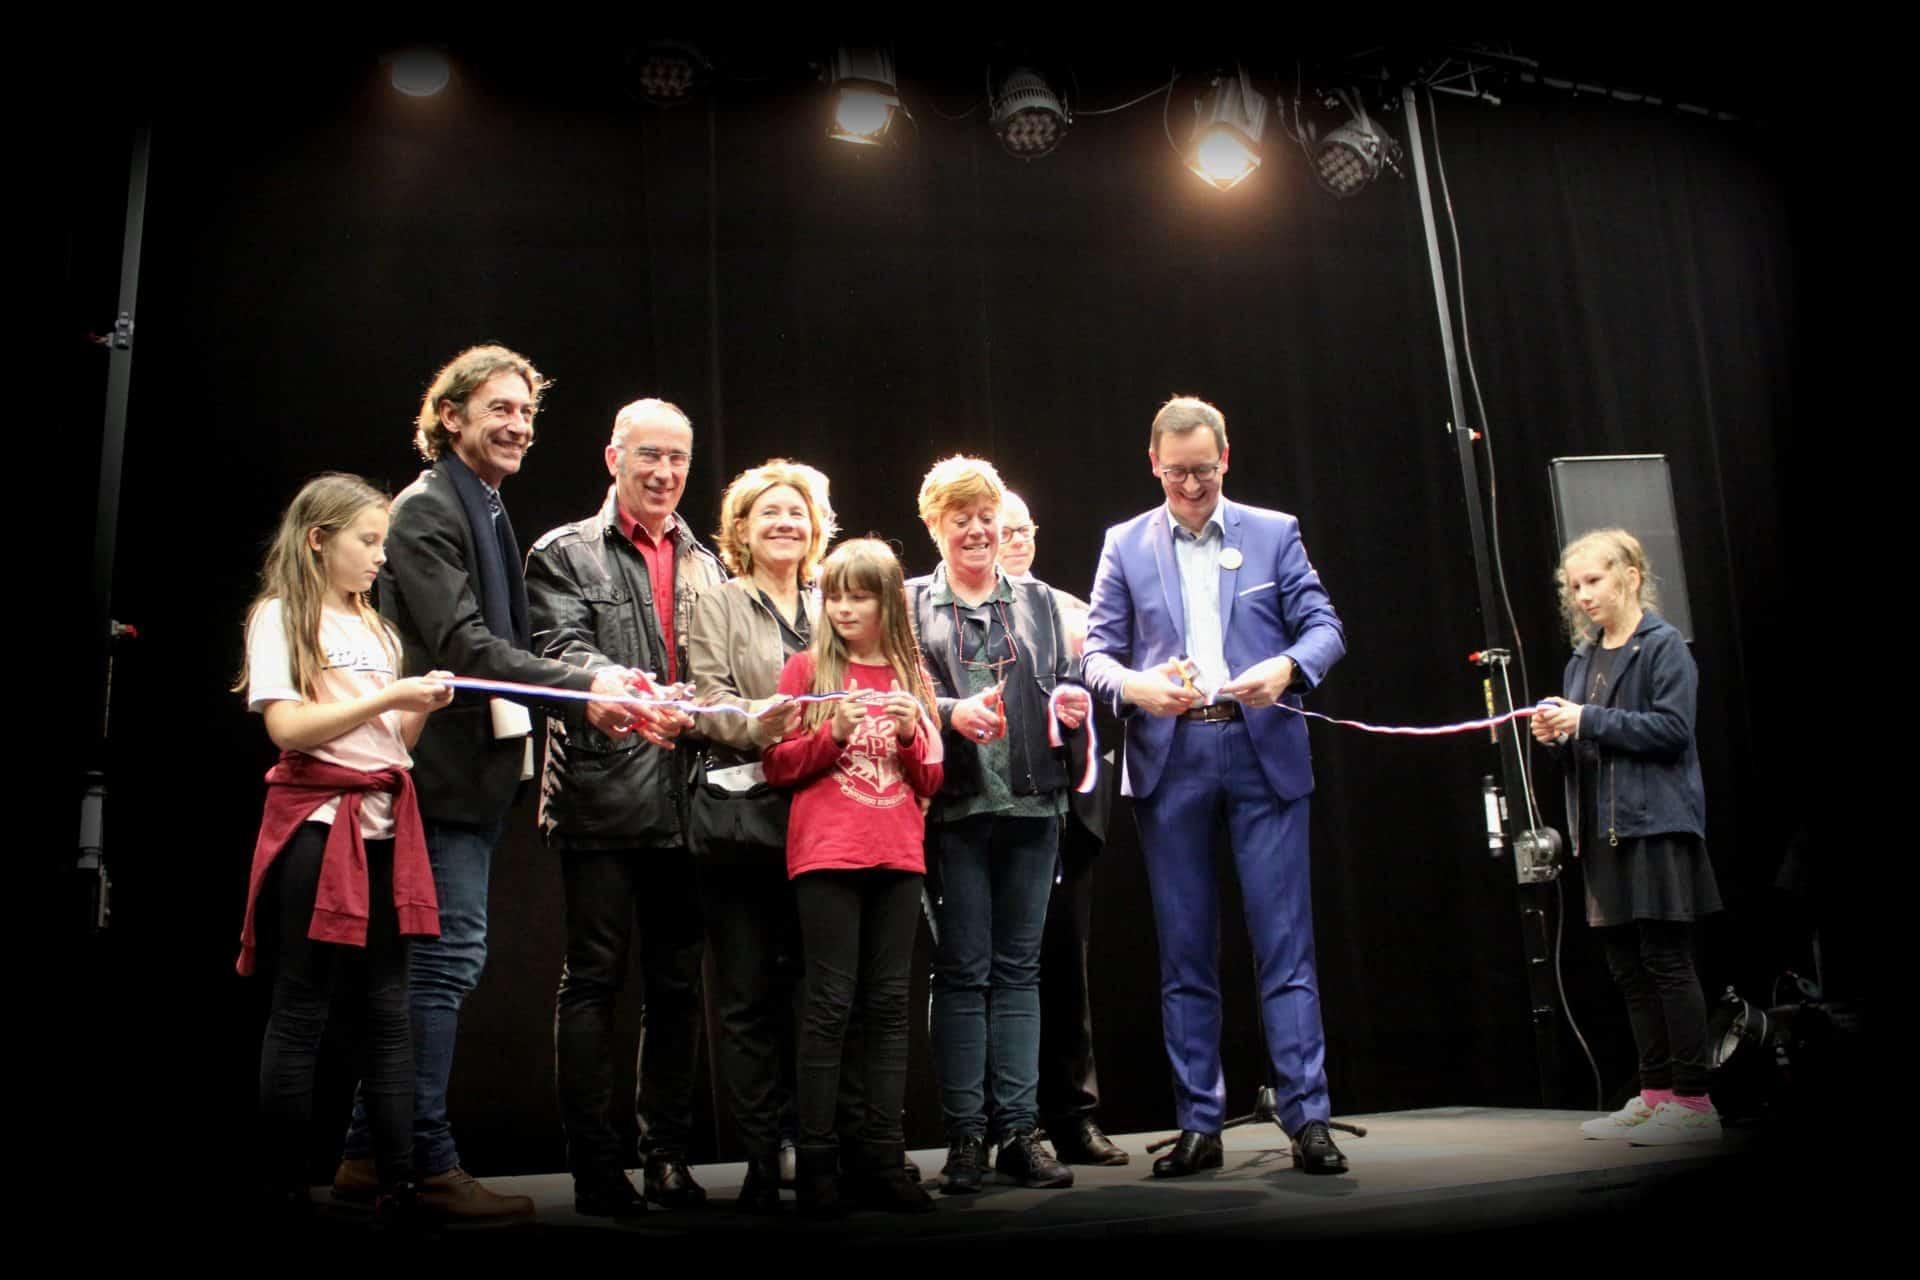 Photo - Coupé de cordon à l'inauguration de La Casba